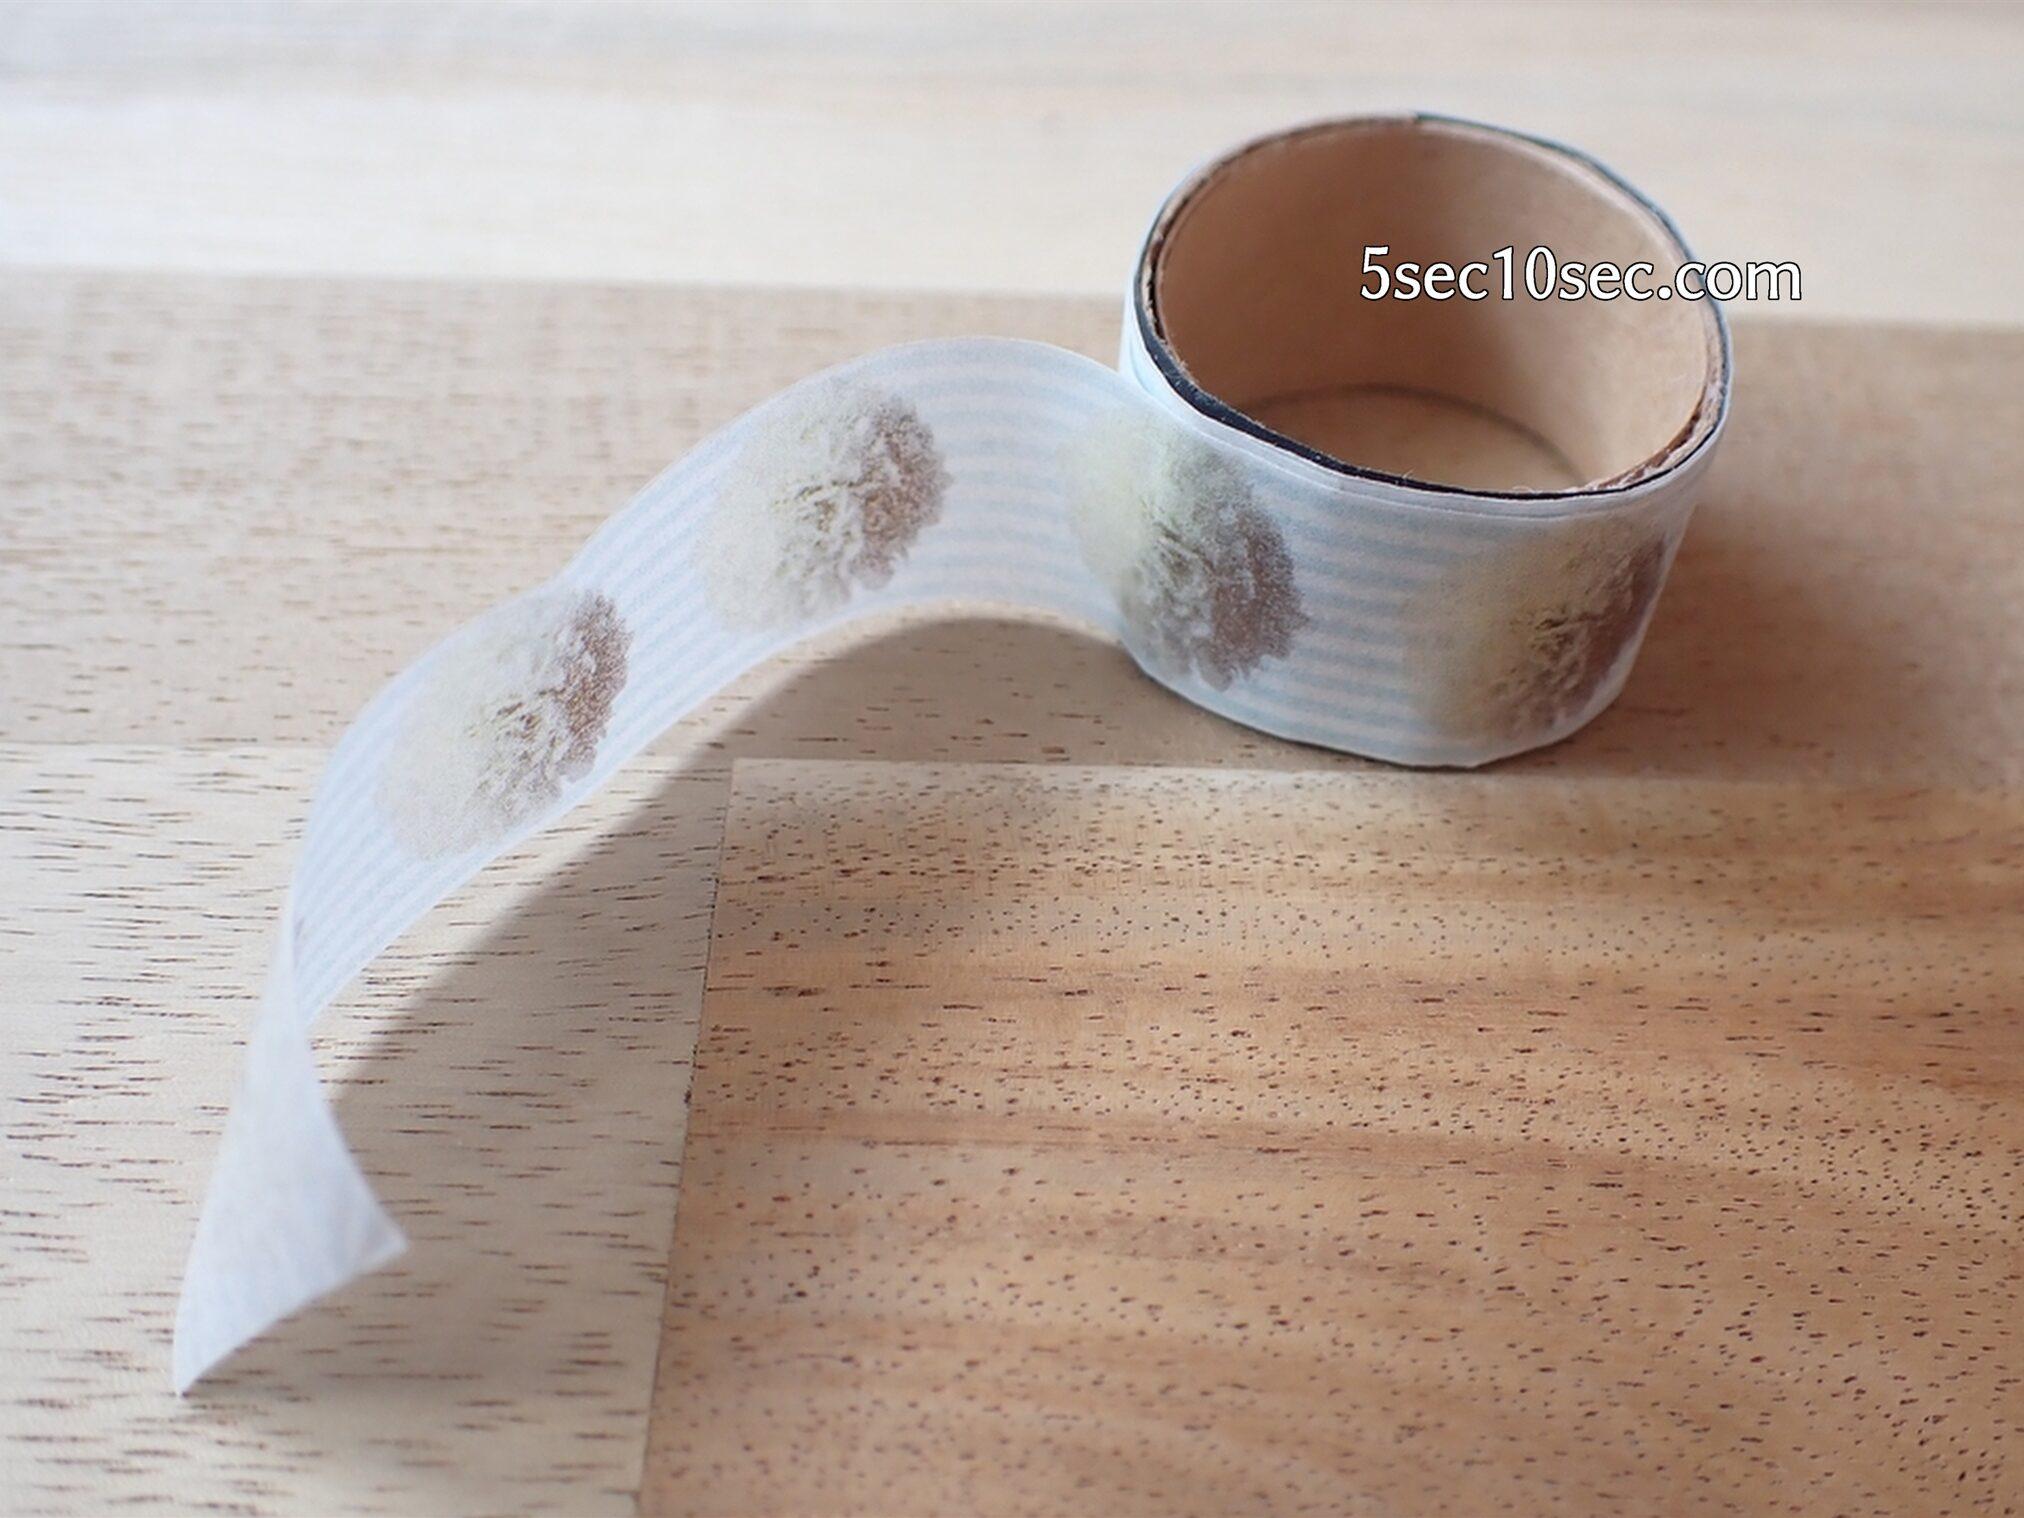 エレコム ELECOM マスキングテープラベル用紙 A4サイズ 3枚入り EDT-MTA4 薄くて低粘着で透けていて、マスキングテープの質感が出ます